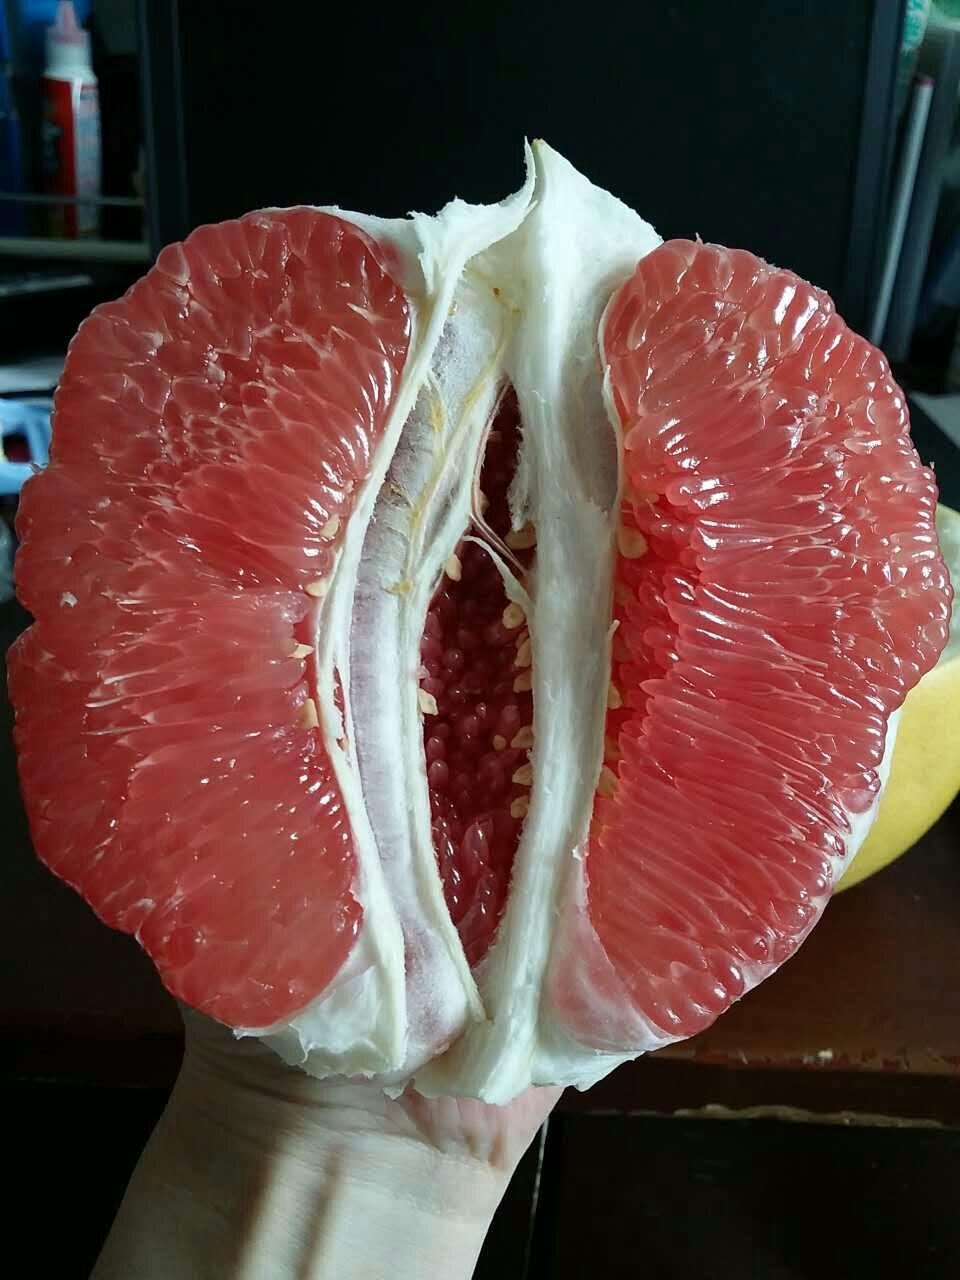 现货现发 福建平和�g溪红心红肉蜜柚 新鲜水果管溪柚子5斤装包邮